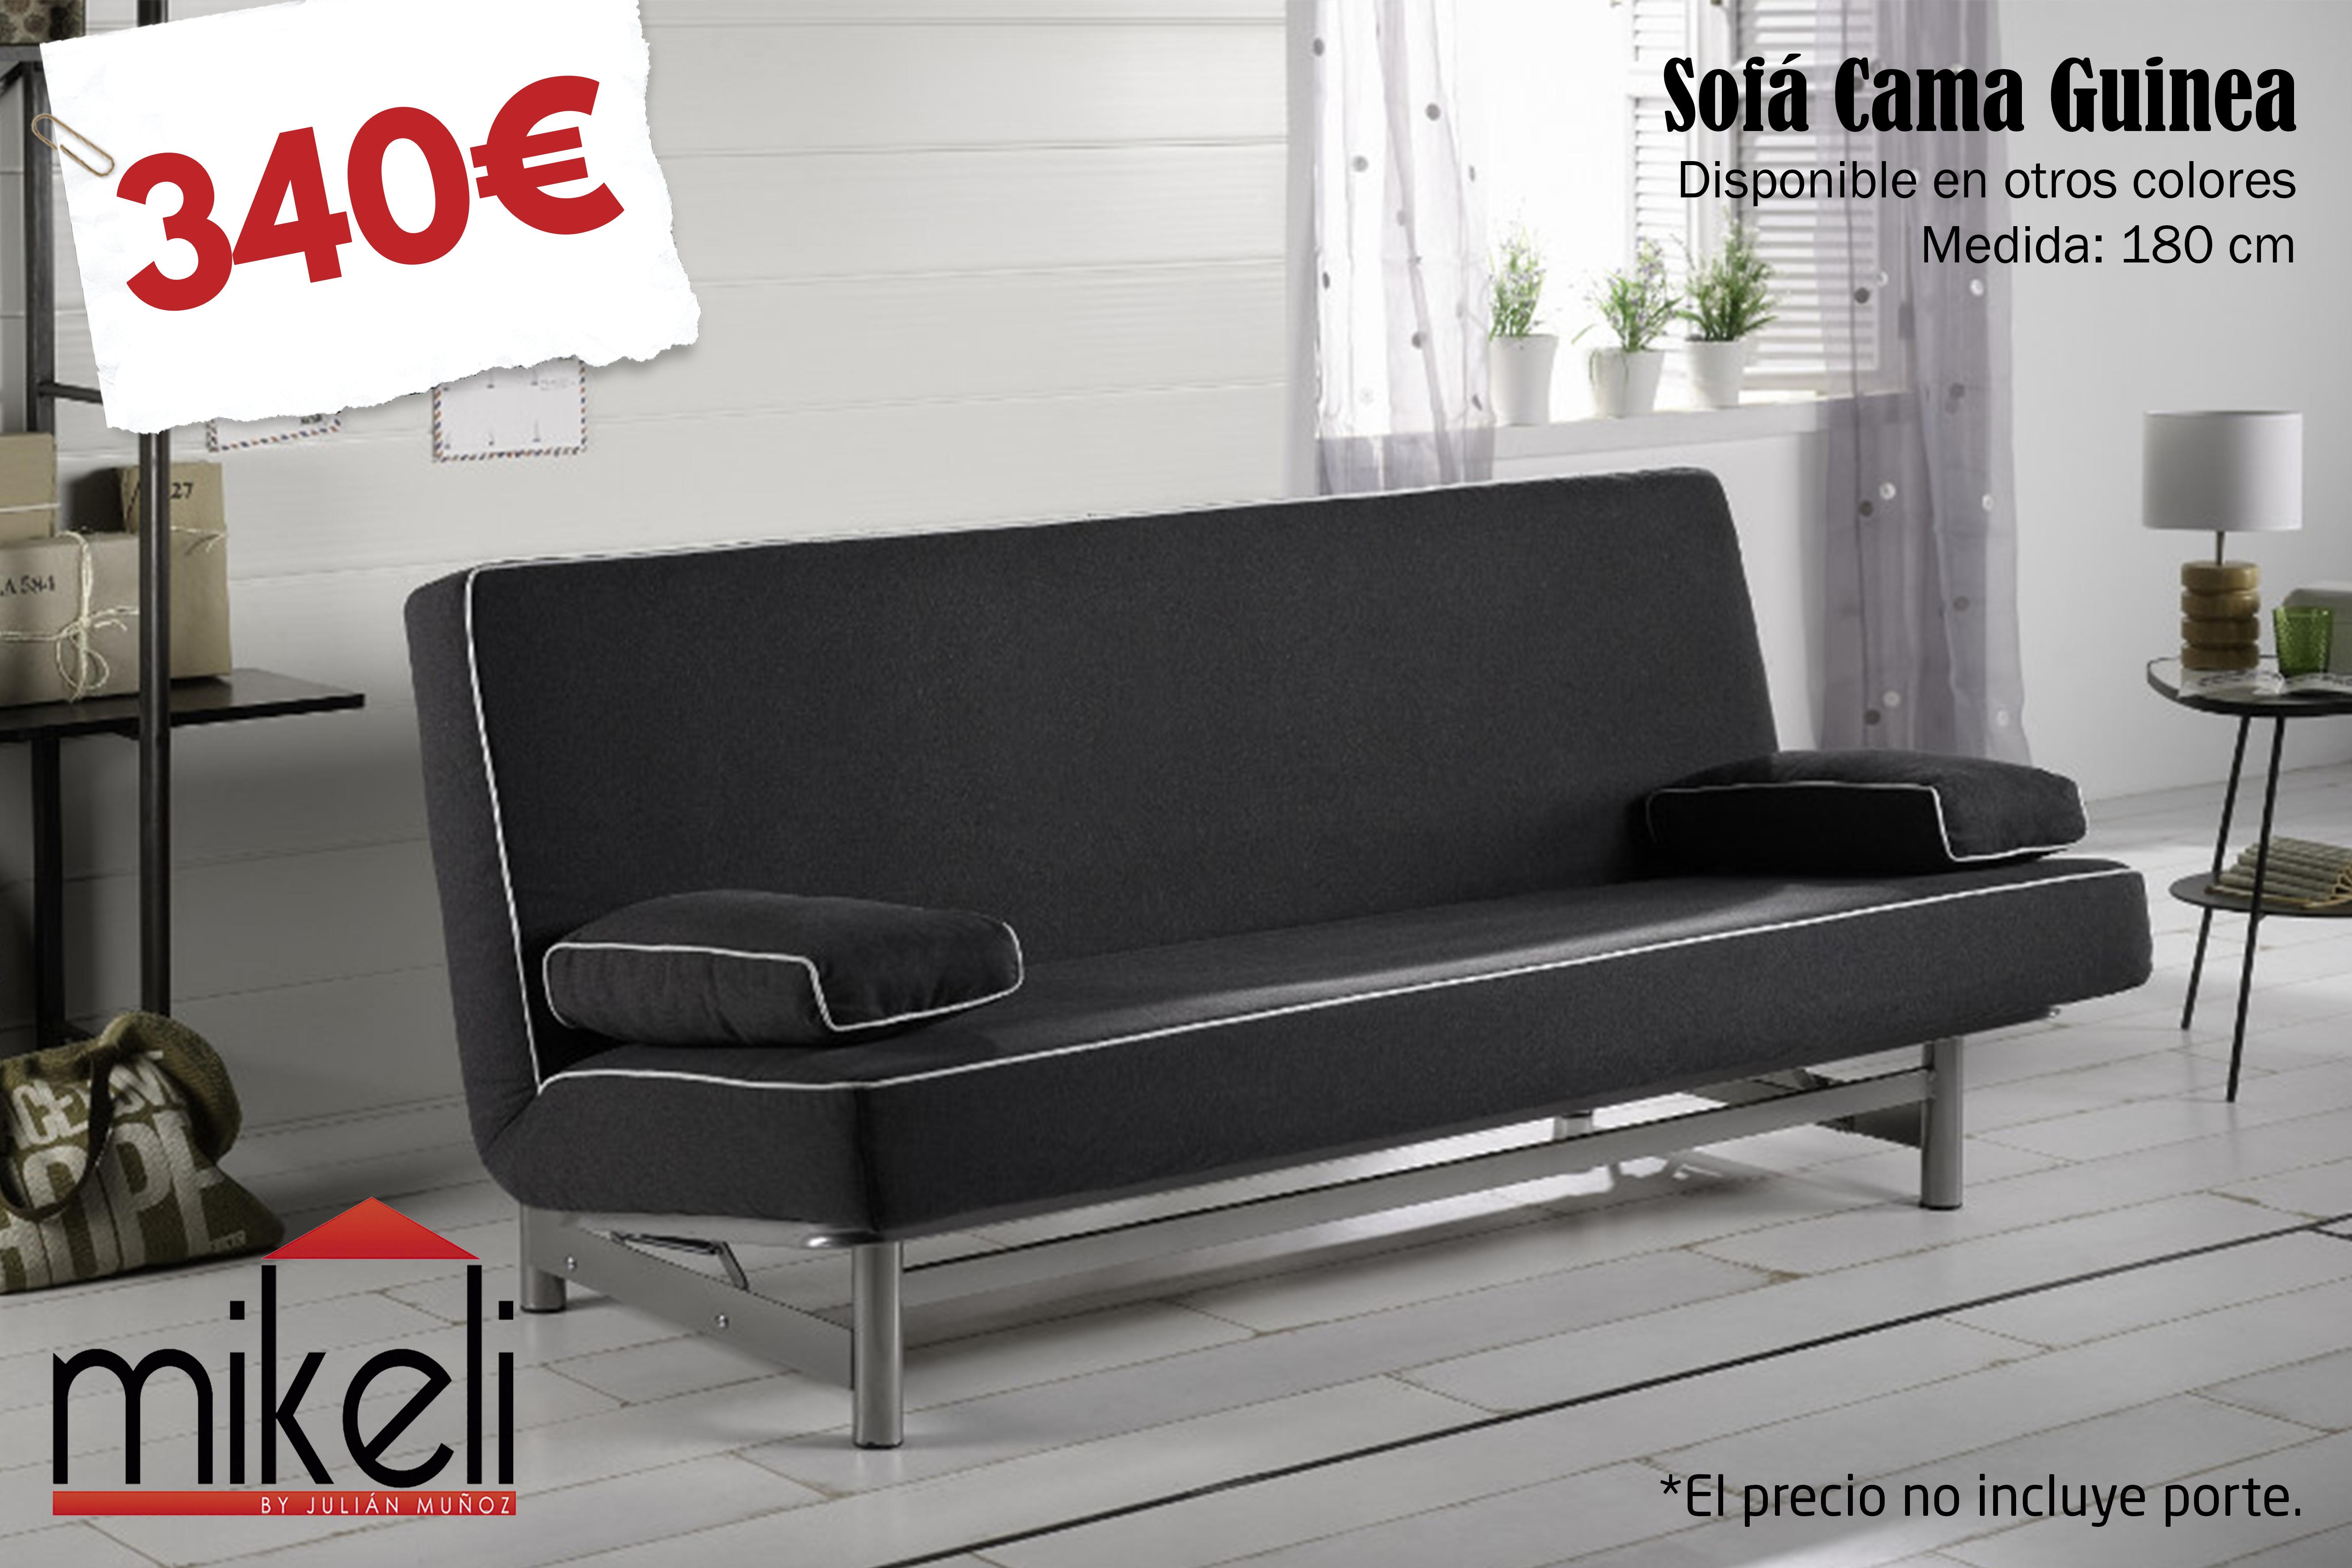 Sofa Cama Guinea Mikeli Tu Tienda De Muebles A Precios  # Muebles A Medida Ceuta